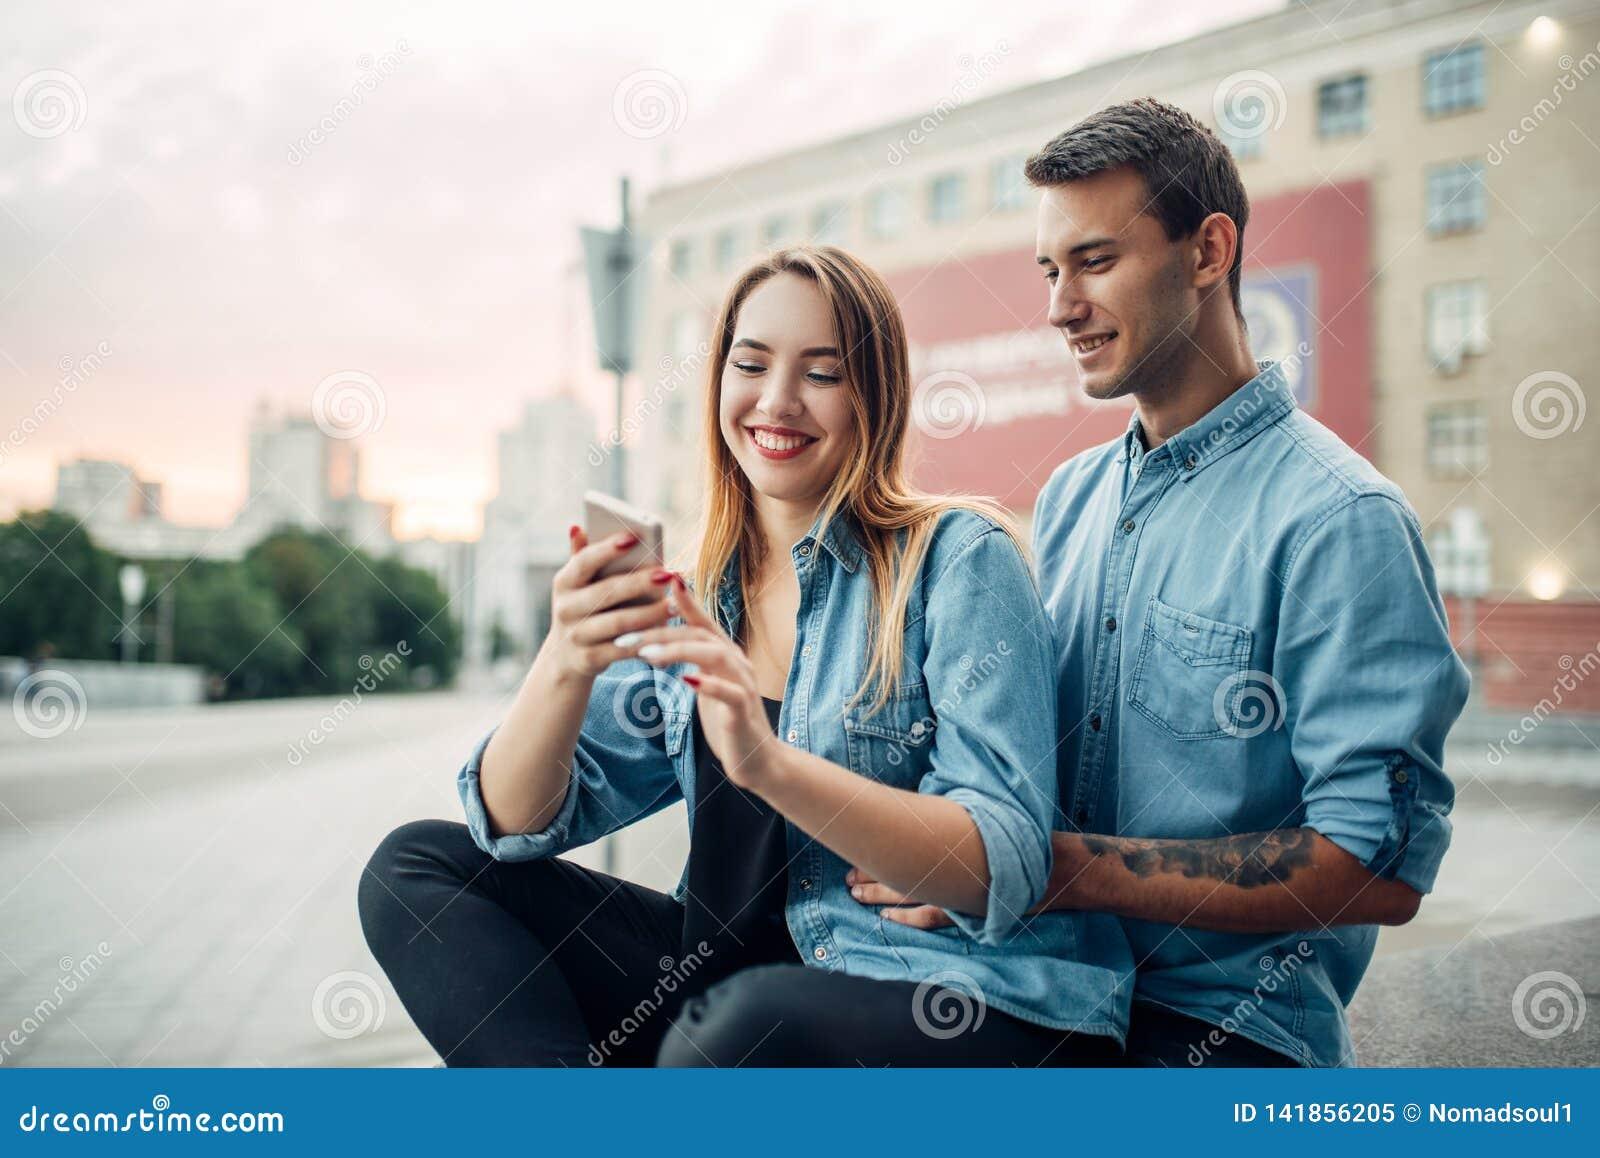 Los pares del adicto al teléfono no pueden vivir sin los artilugios